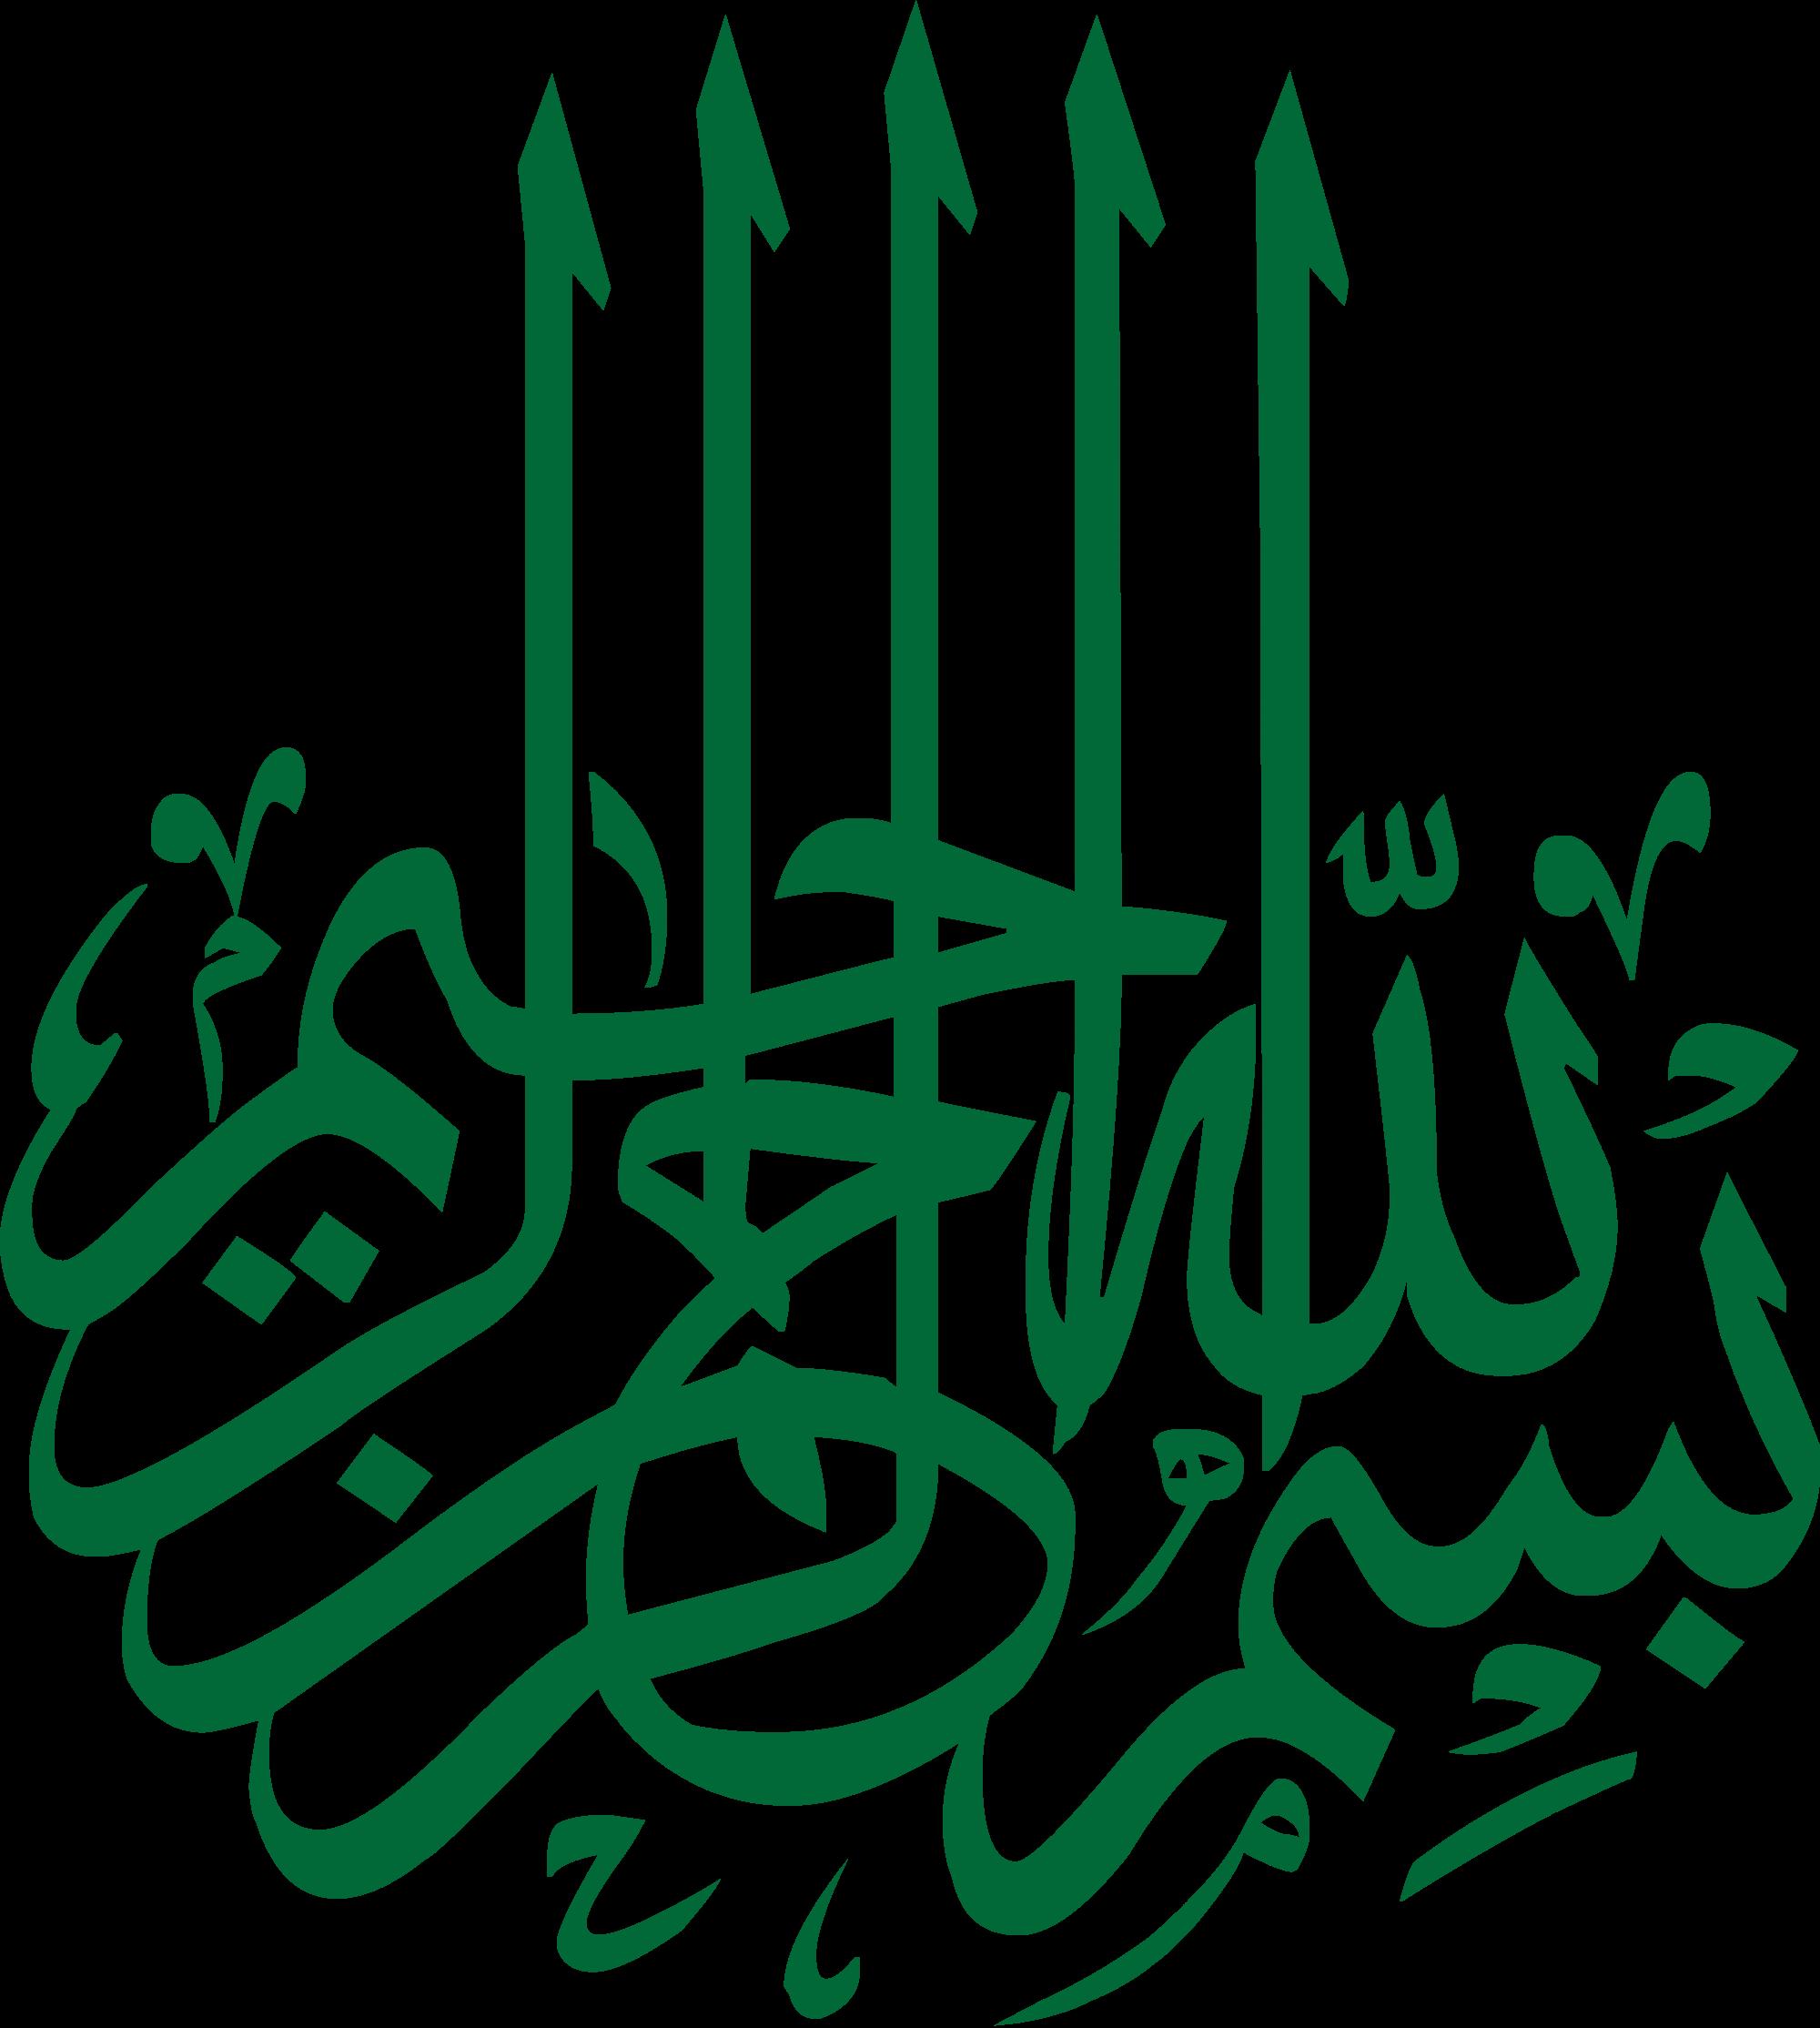 دانلود بسم الله الرحمن الرحیم برای word و PowerPoint